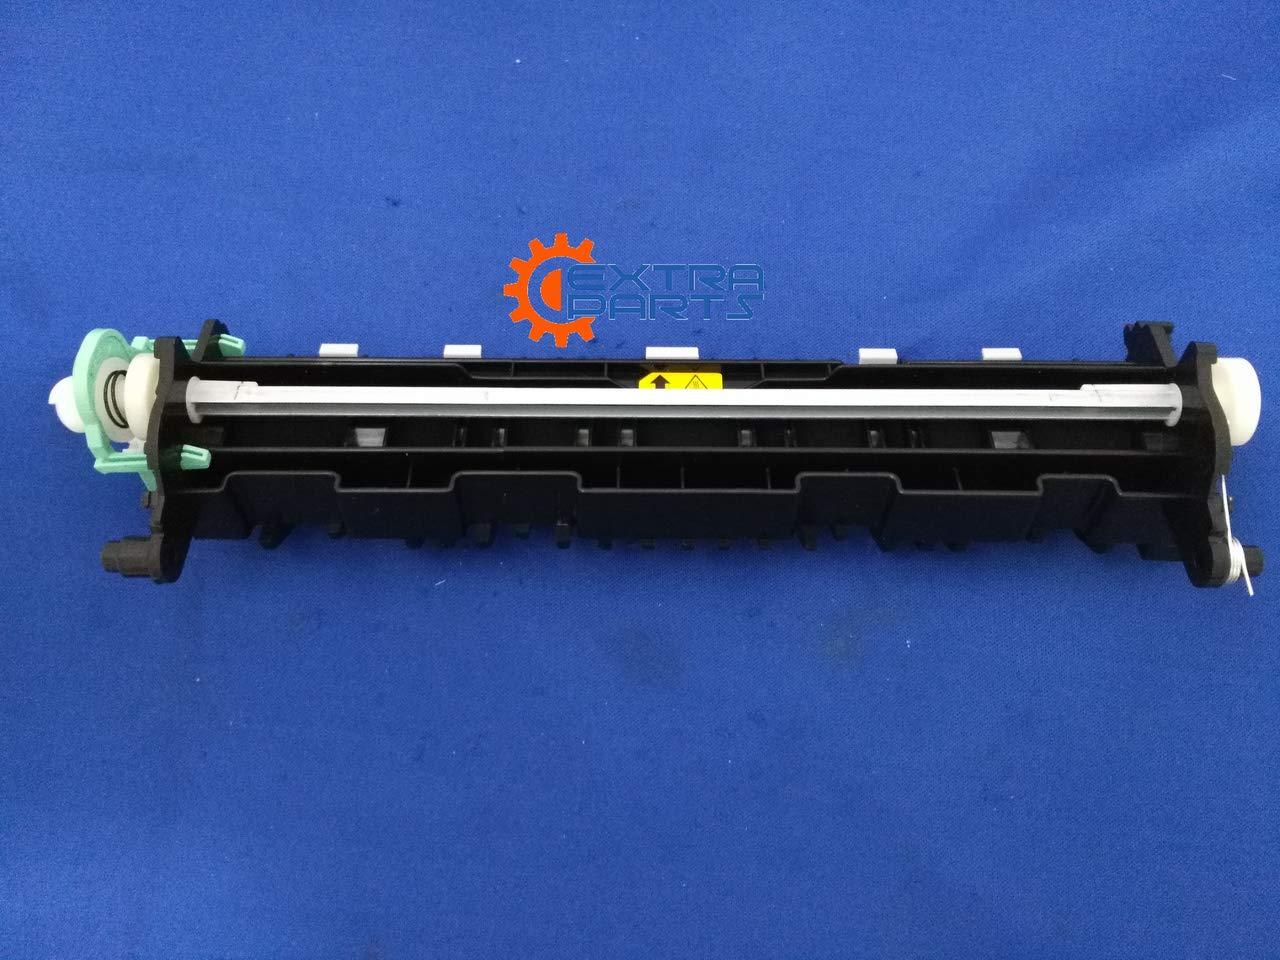 Transfer Roller JC93-00708A for Samsung CLP 360 365 CLX 3300 3305 including all N W FN FW models and Xpress C410W C460W C460FW 360 365 CLX 3300 3305 Xpress SL-C410W C460W C460FW